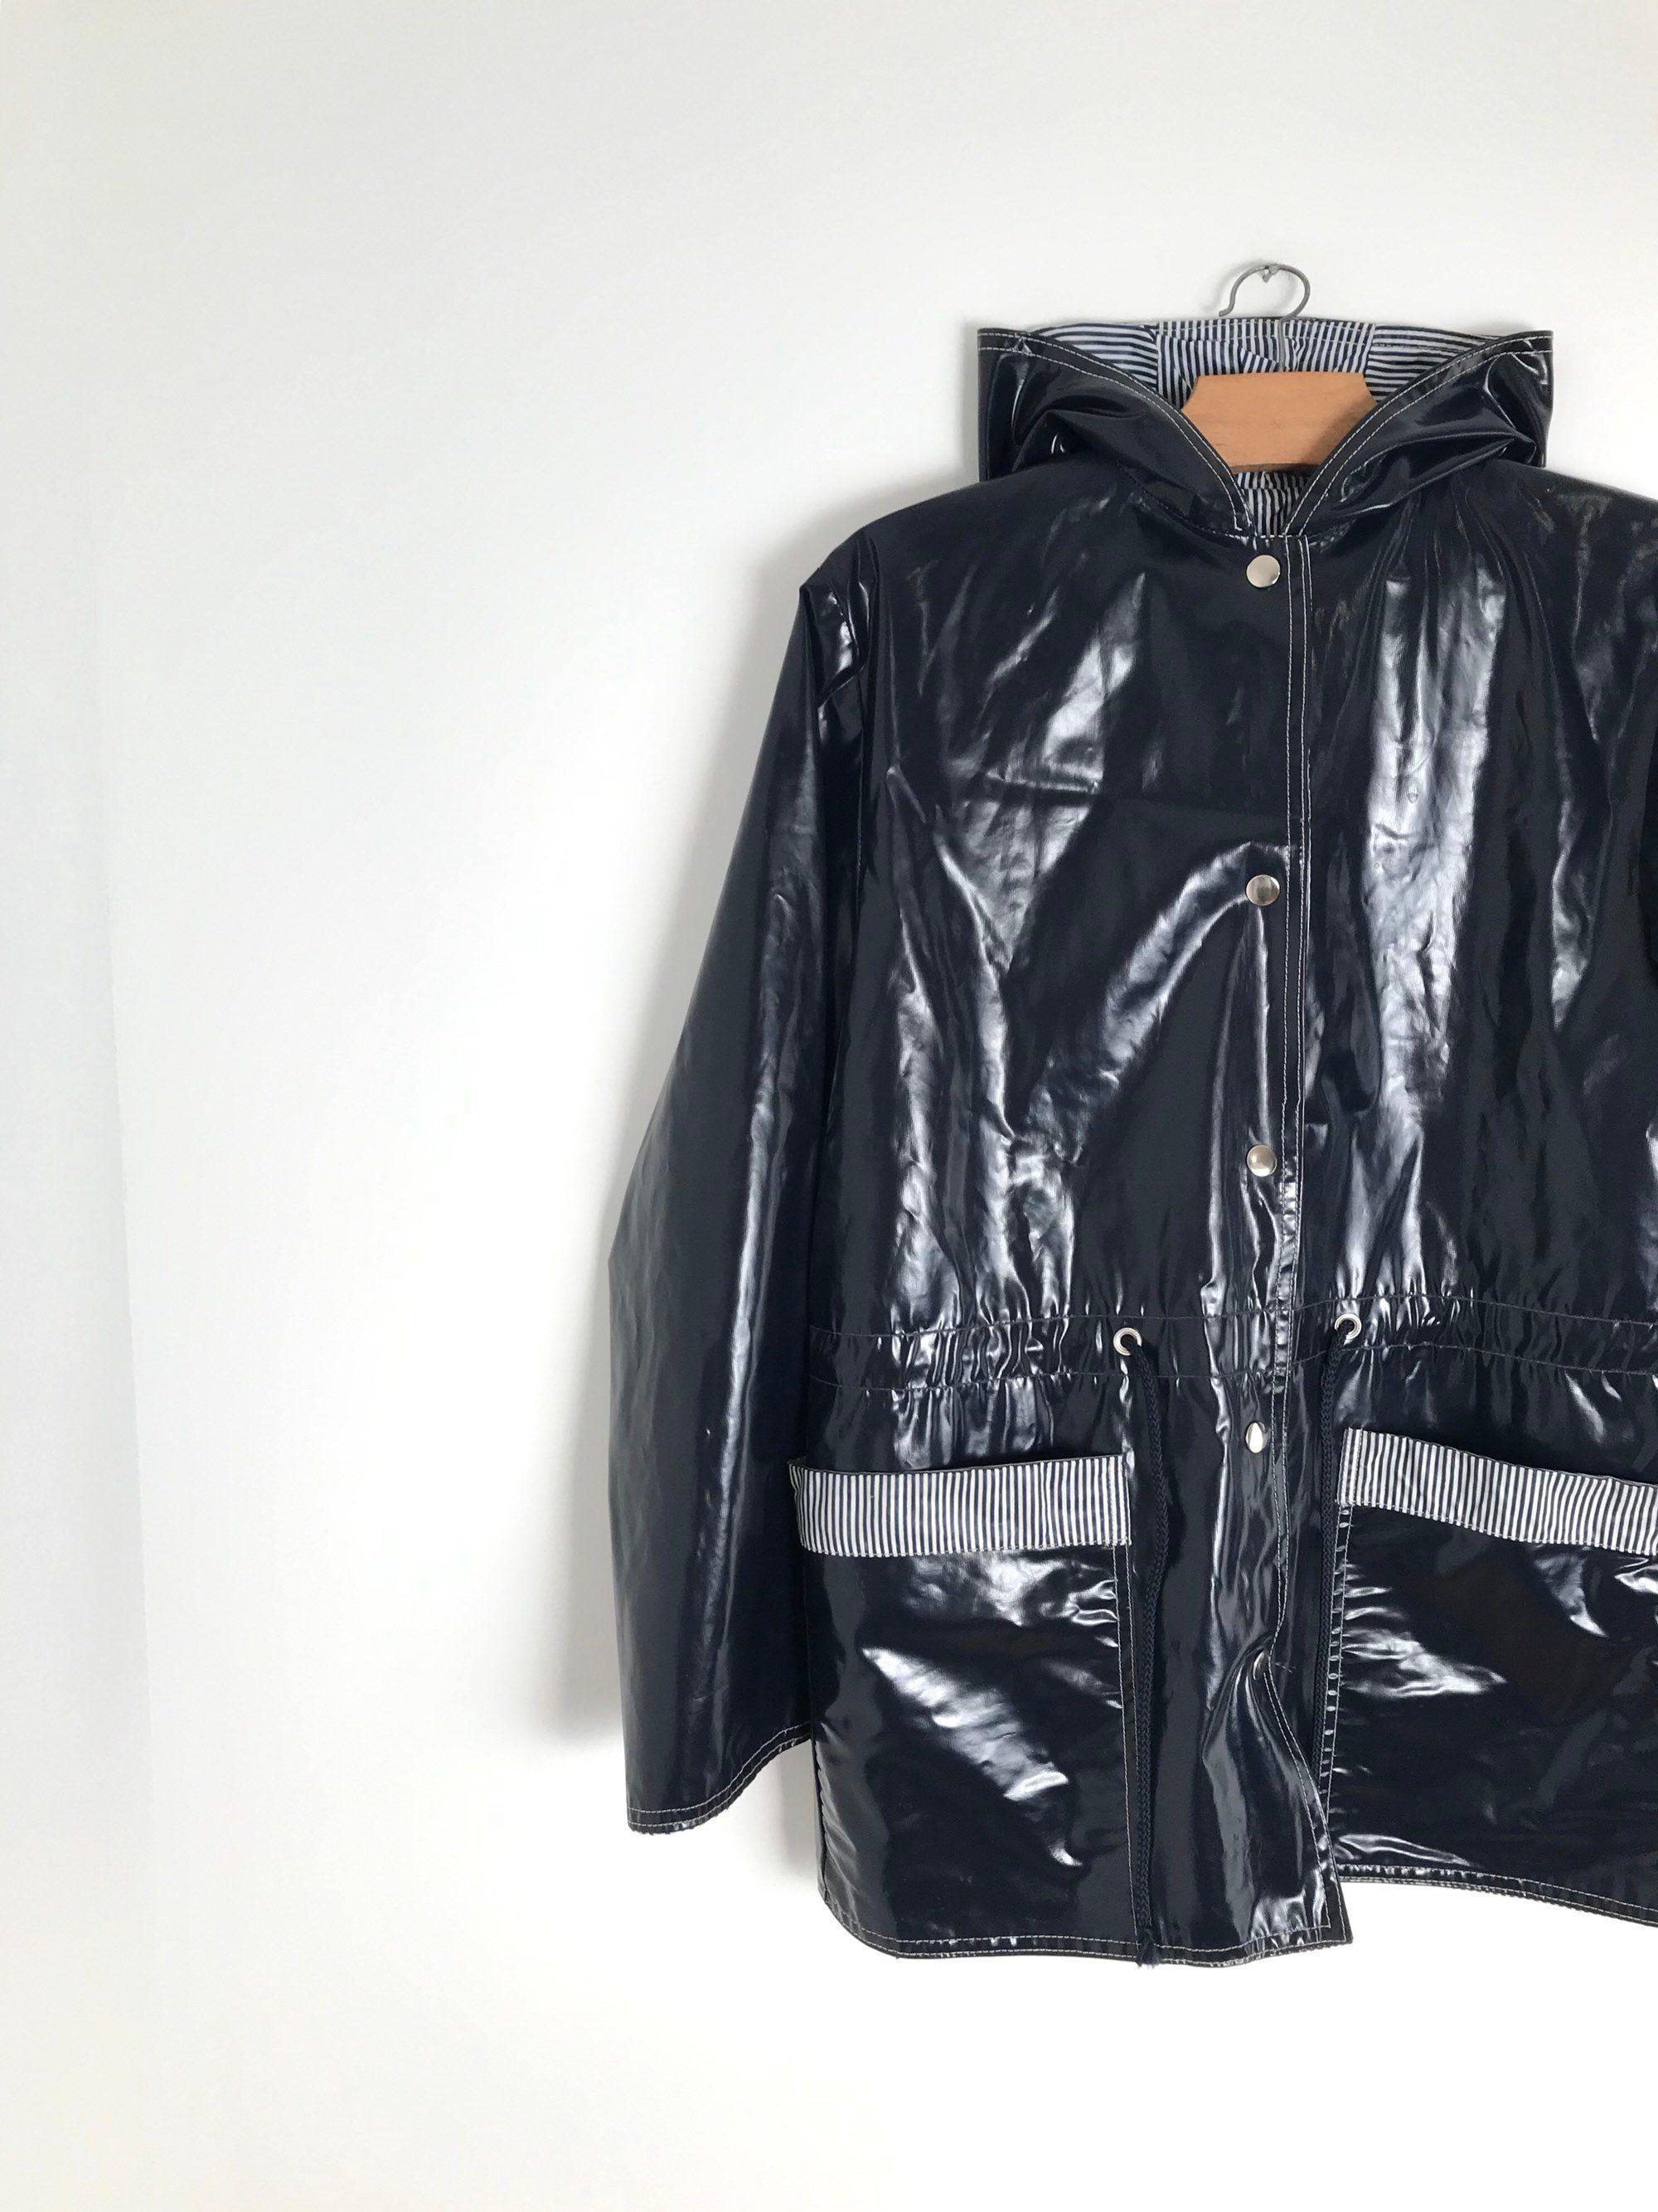 Vintage Hooded Raincoat Navy Blue Vinyl Coat Button Down Hoody Waterproof Vest Xs S 1980s De La Bo Vintage Coat Raincoats For Women Hooded Raincoat